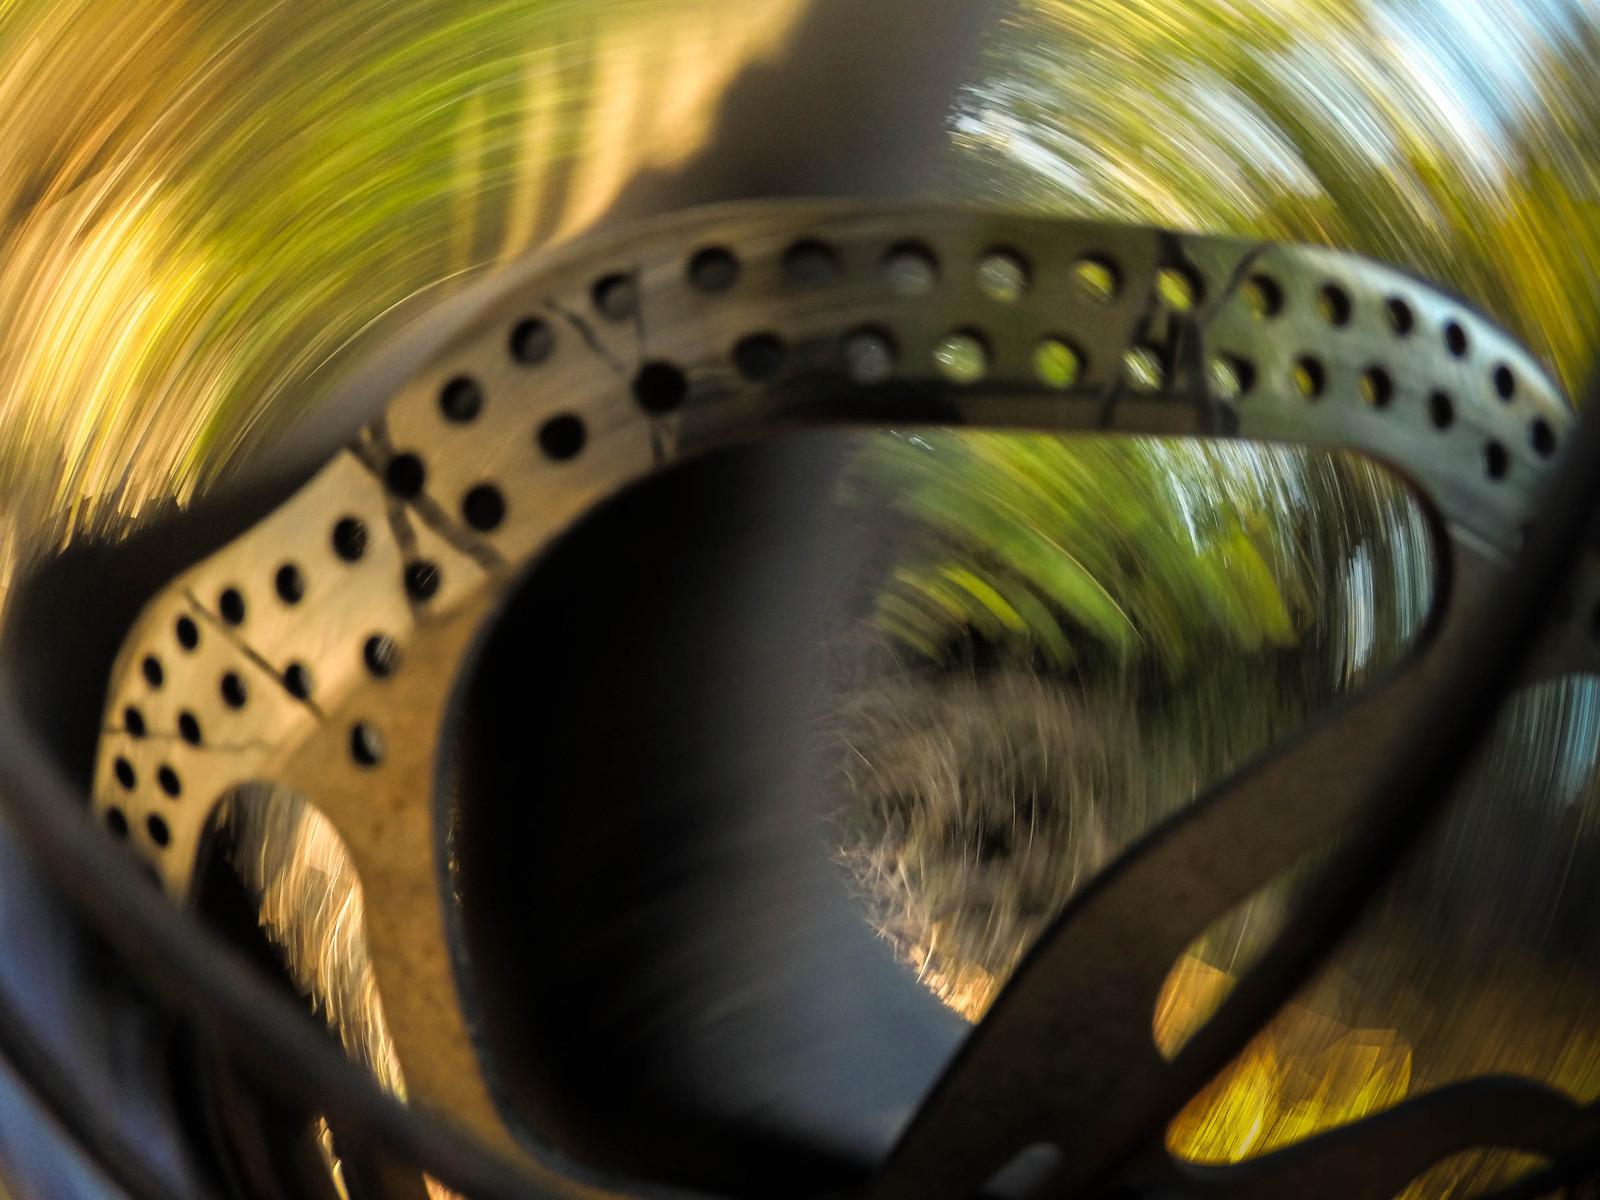 DIY rotor panshot - carbonmsc - Mountain Biking Pictures - Vital MTB